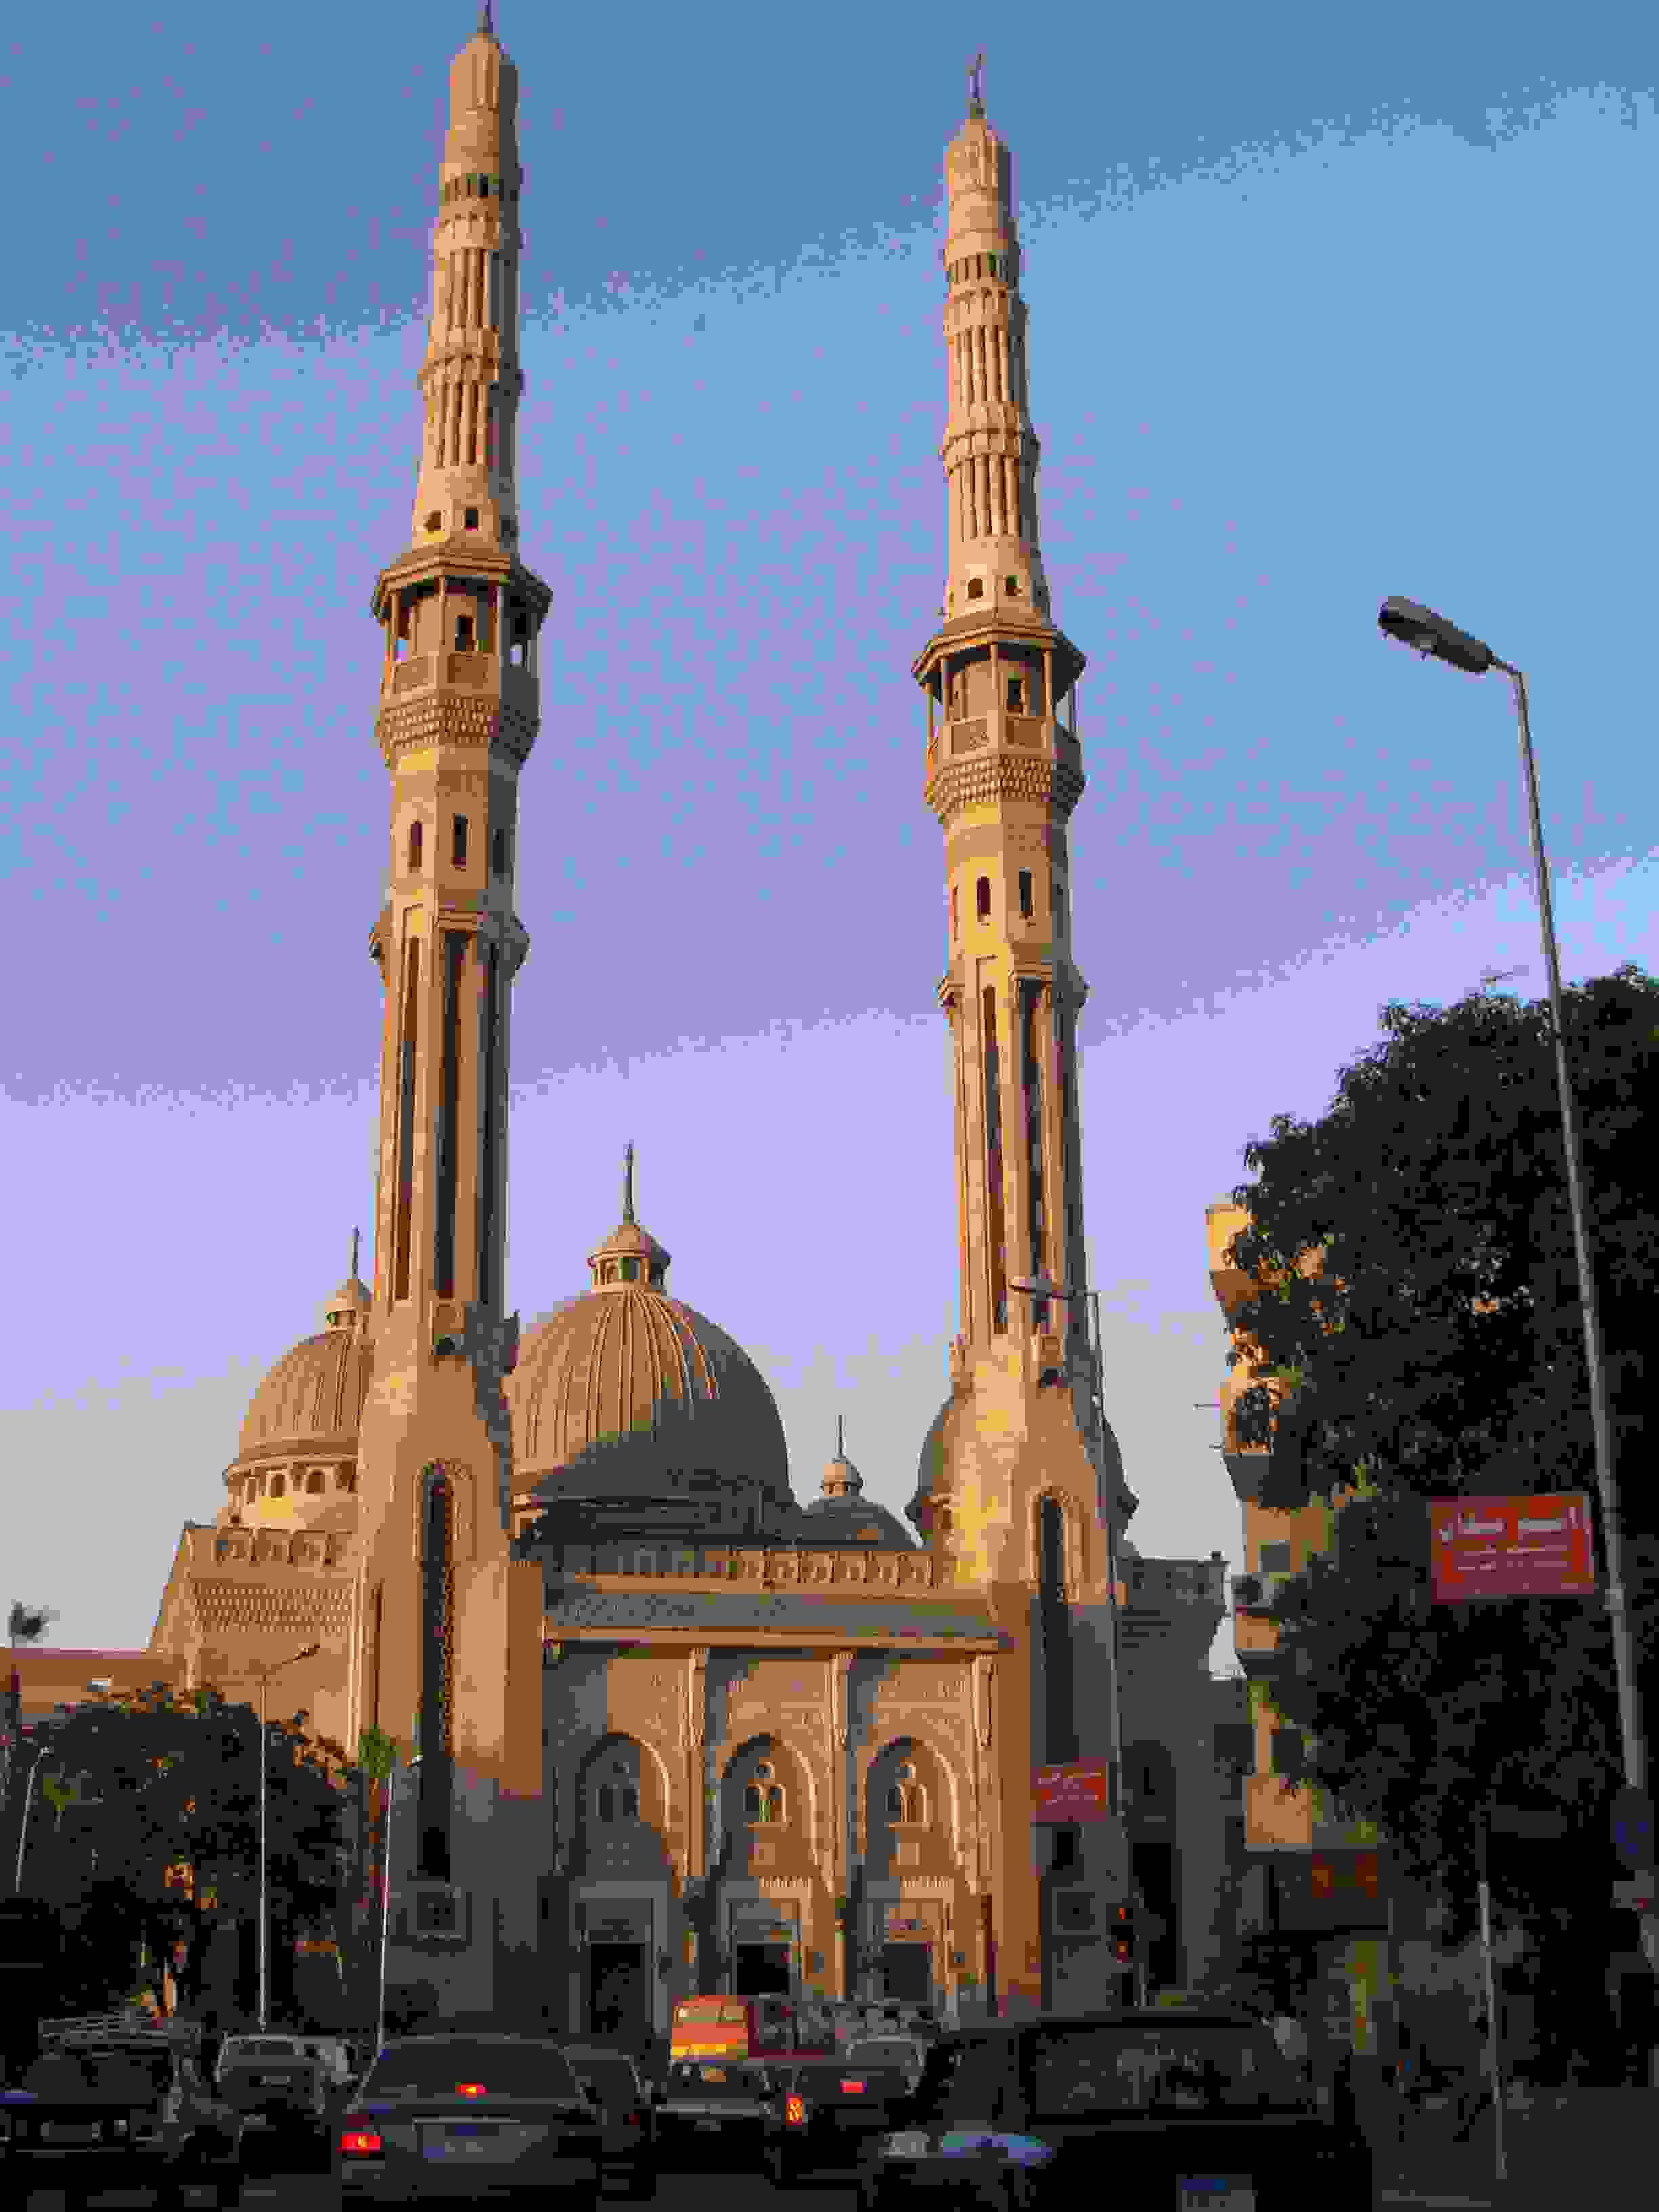 مسجد النور في القاهرة عاصمة مصر